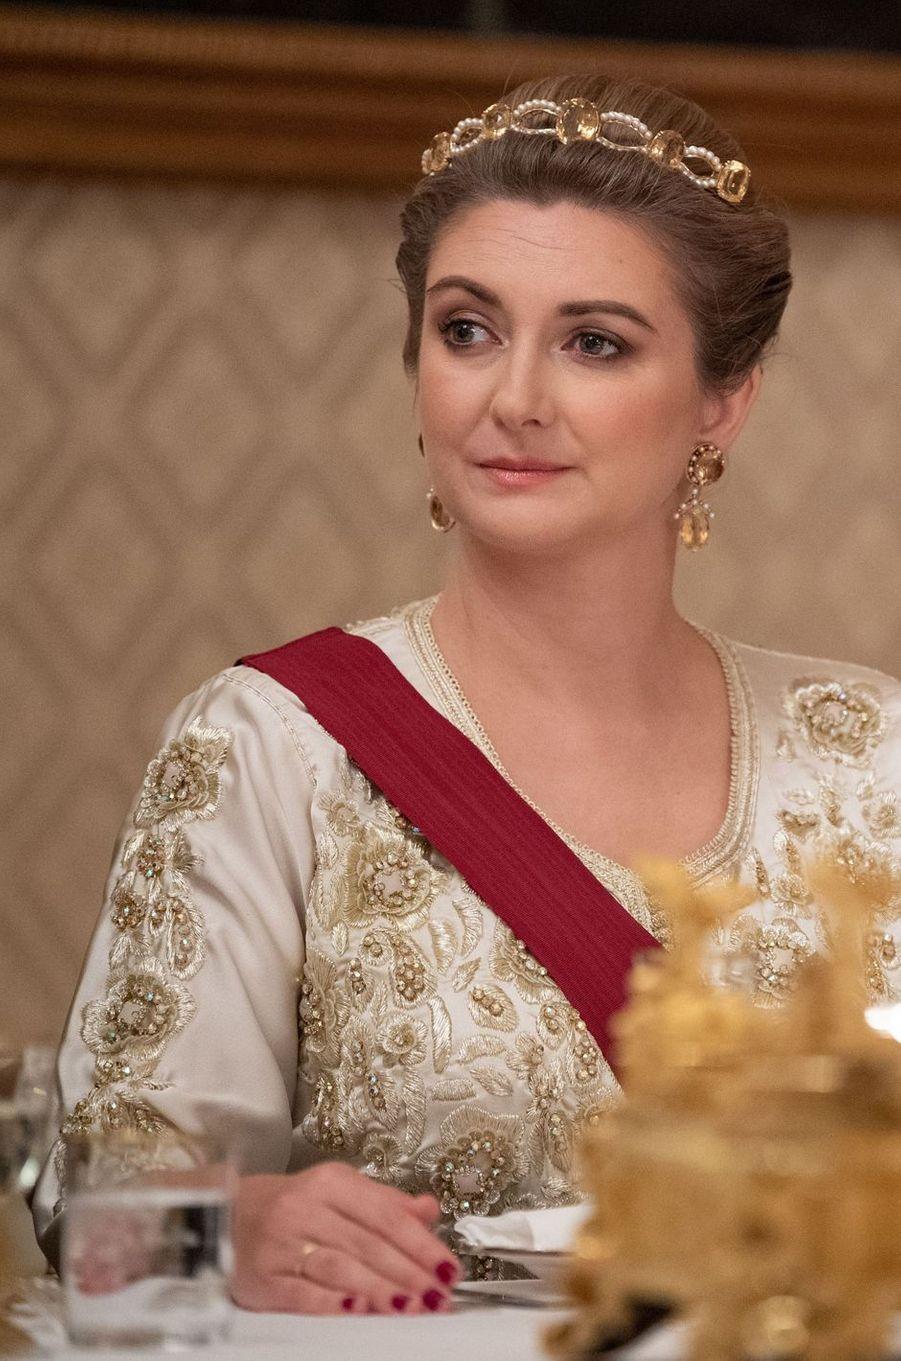 La princesse Stéphanie de Luxembourg à Luxembourg, le 15 octobre 2019